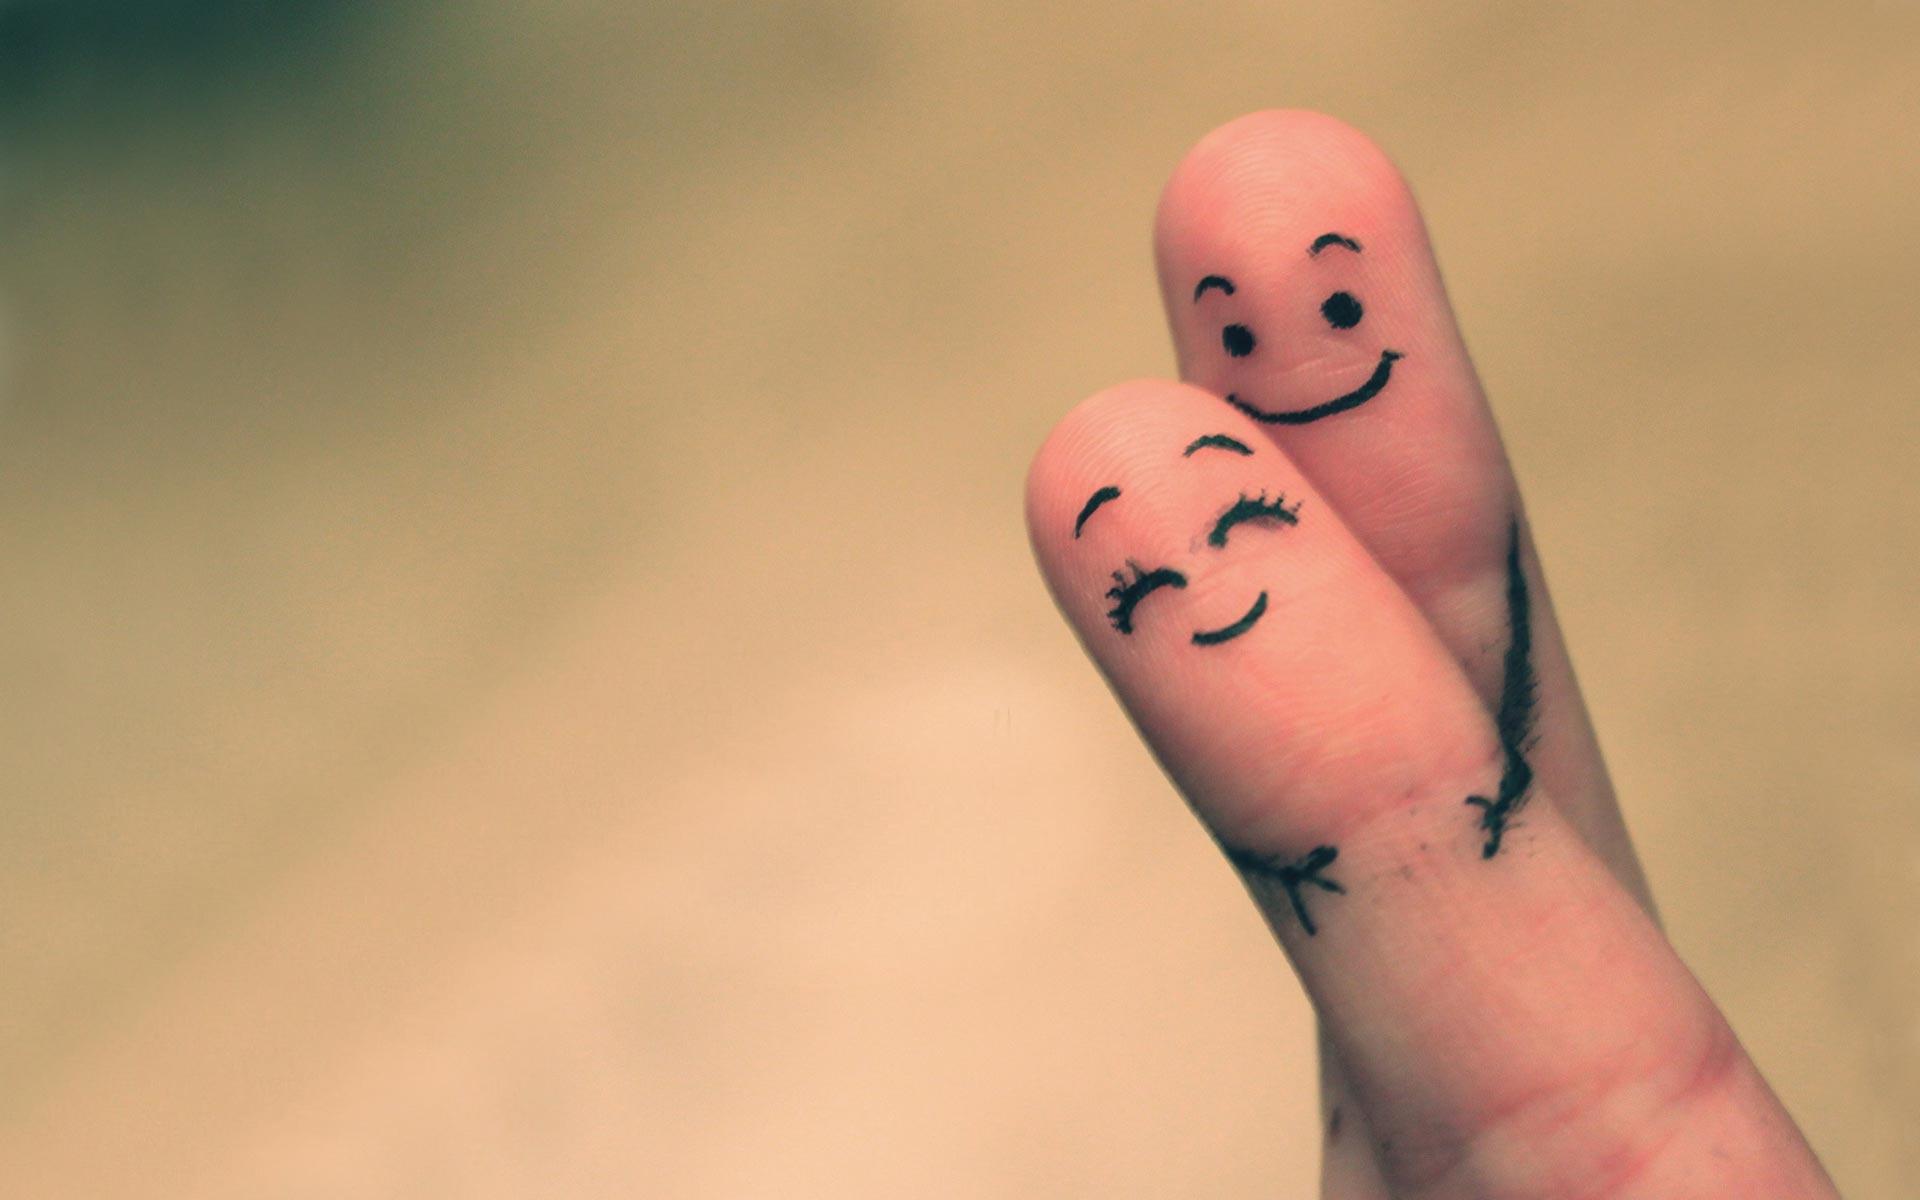 Изображение - Что будет если щелкать суставами пальцев fingers